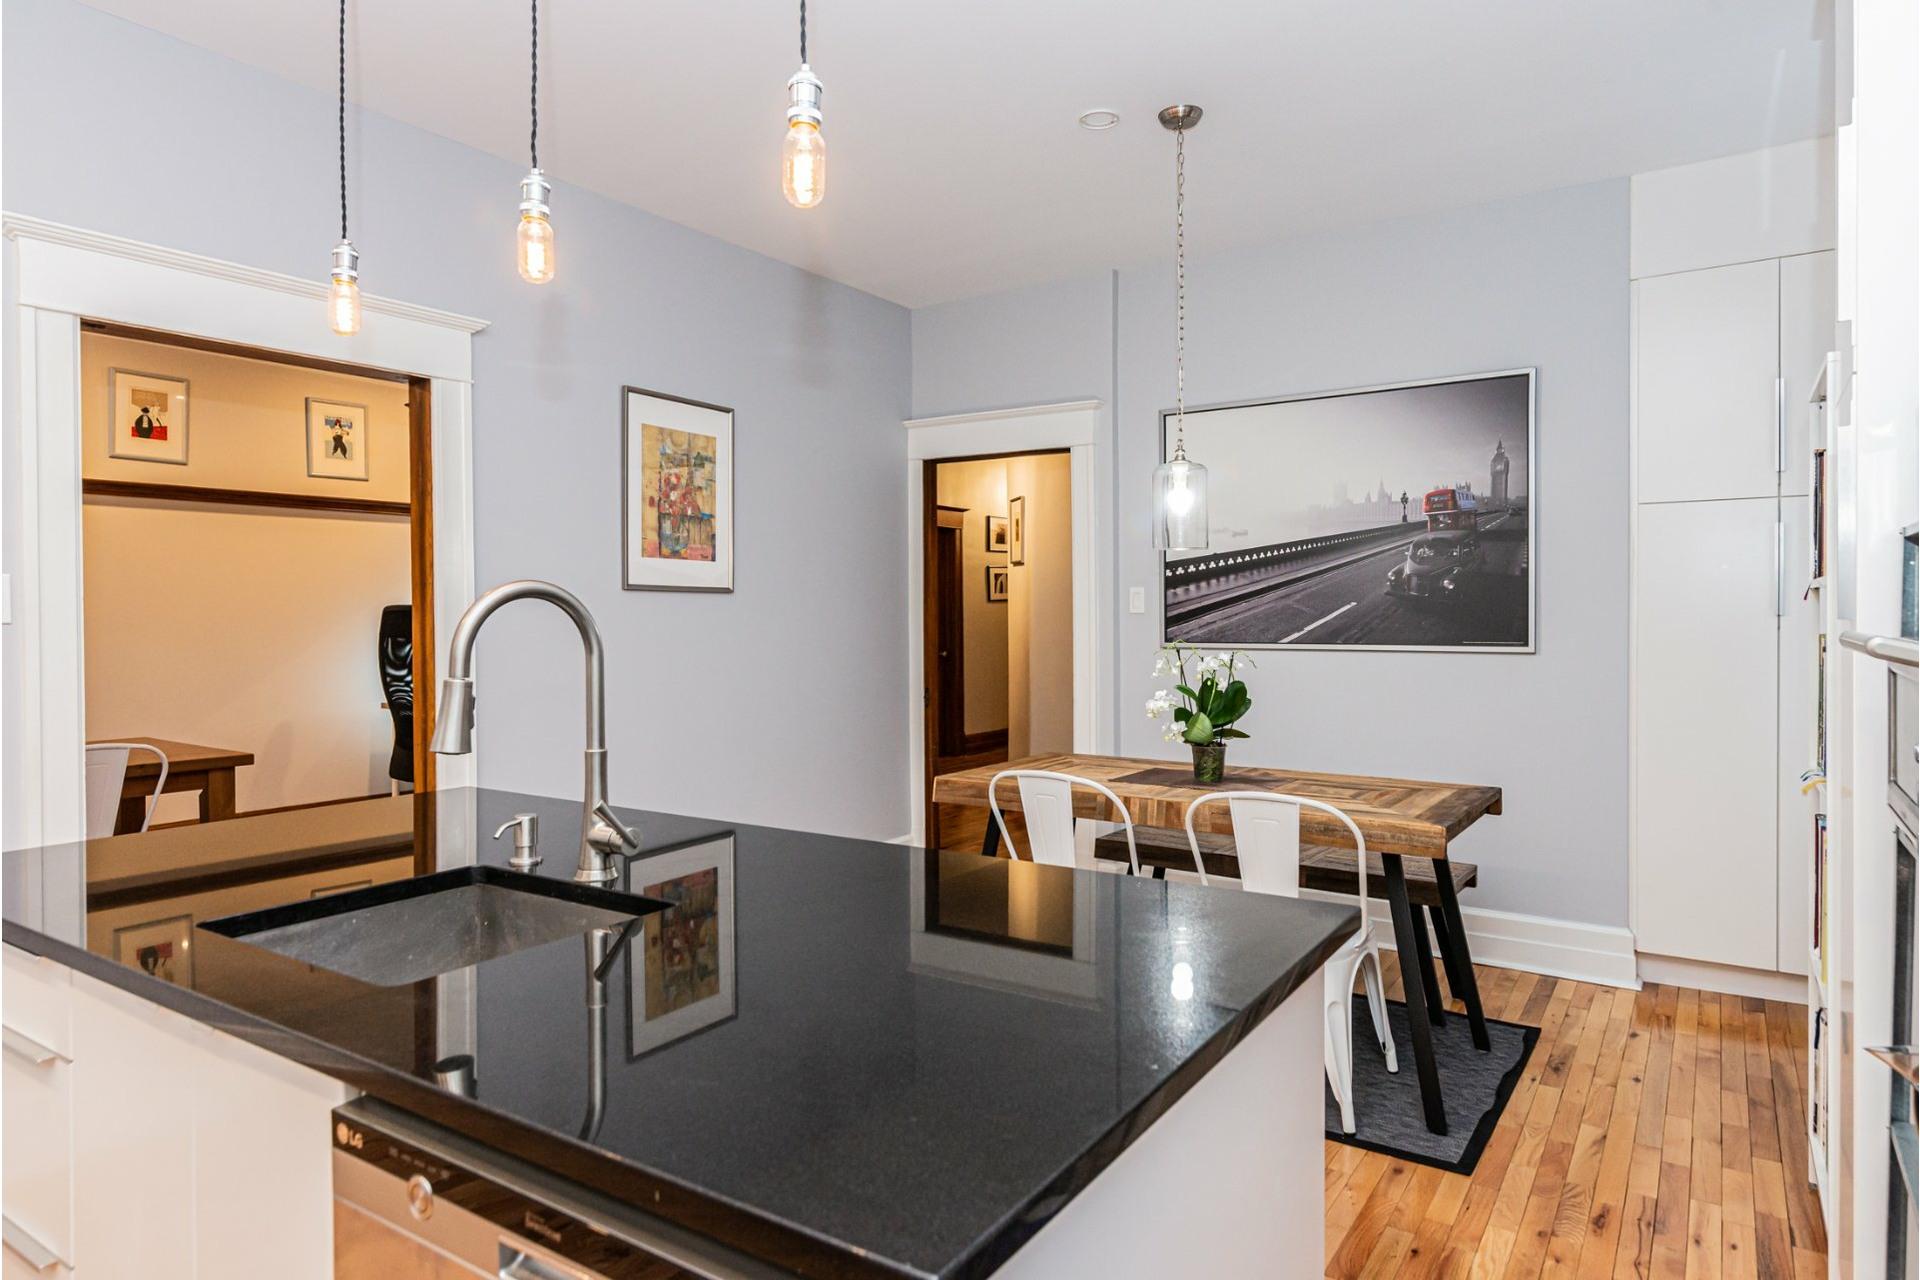 image 16 - Apartment For sale Côte-des-Neiges/Notre-Dame-de-Grâce Montréal  - 9 rooms